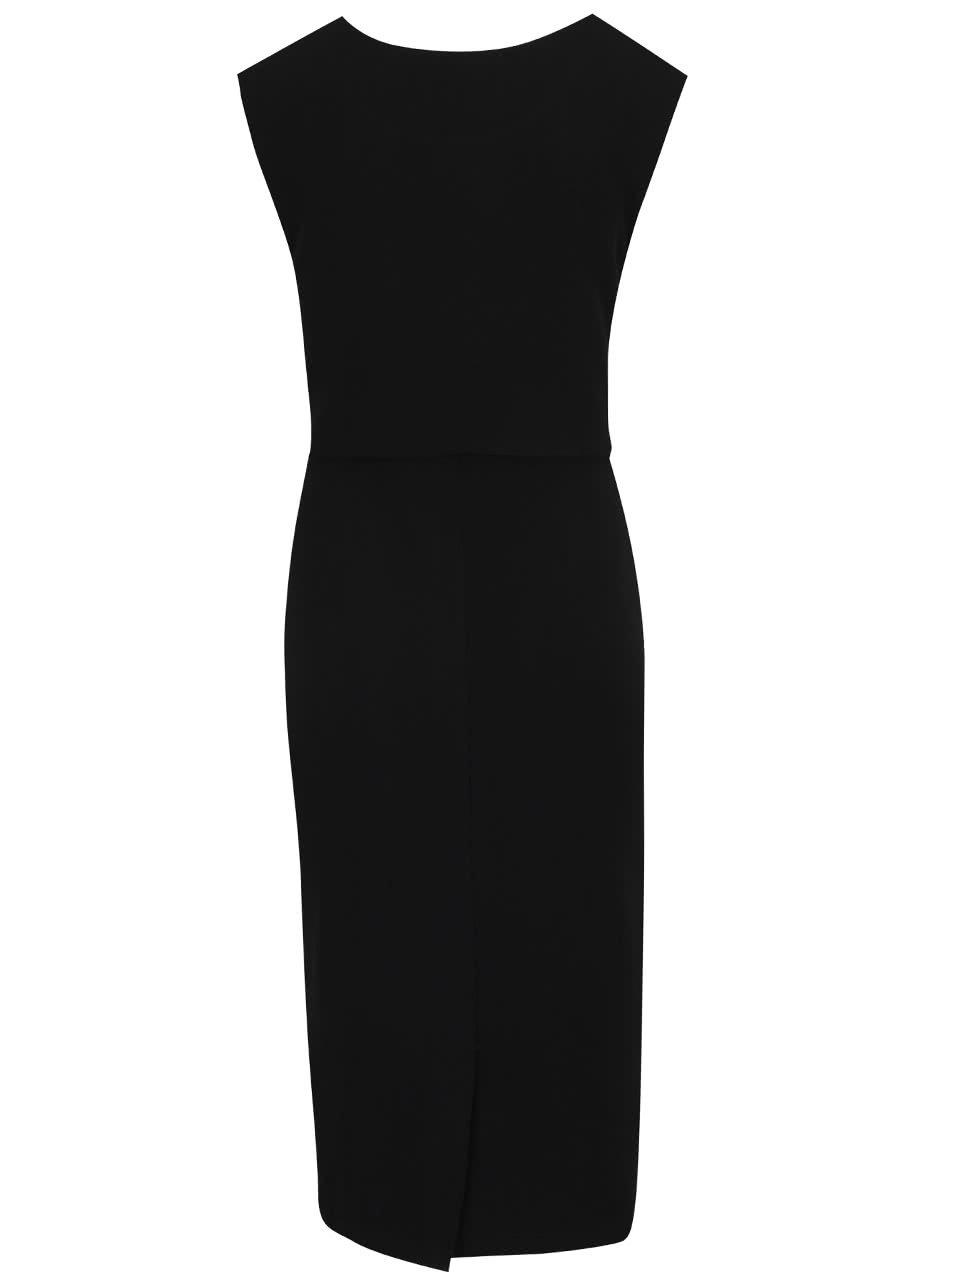 Černé midi šaty s ozdobným uzlem Apricot ... c4b329ba23